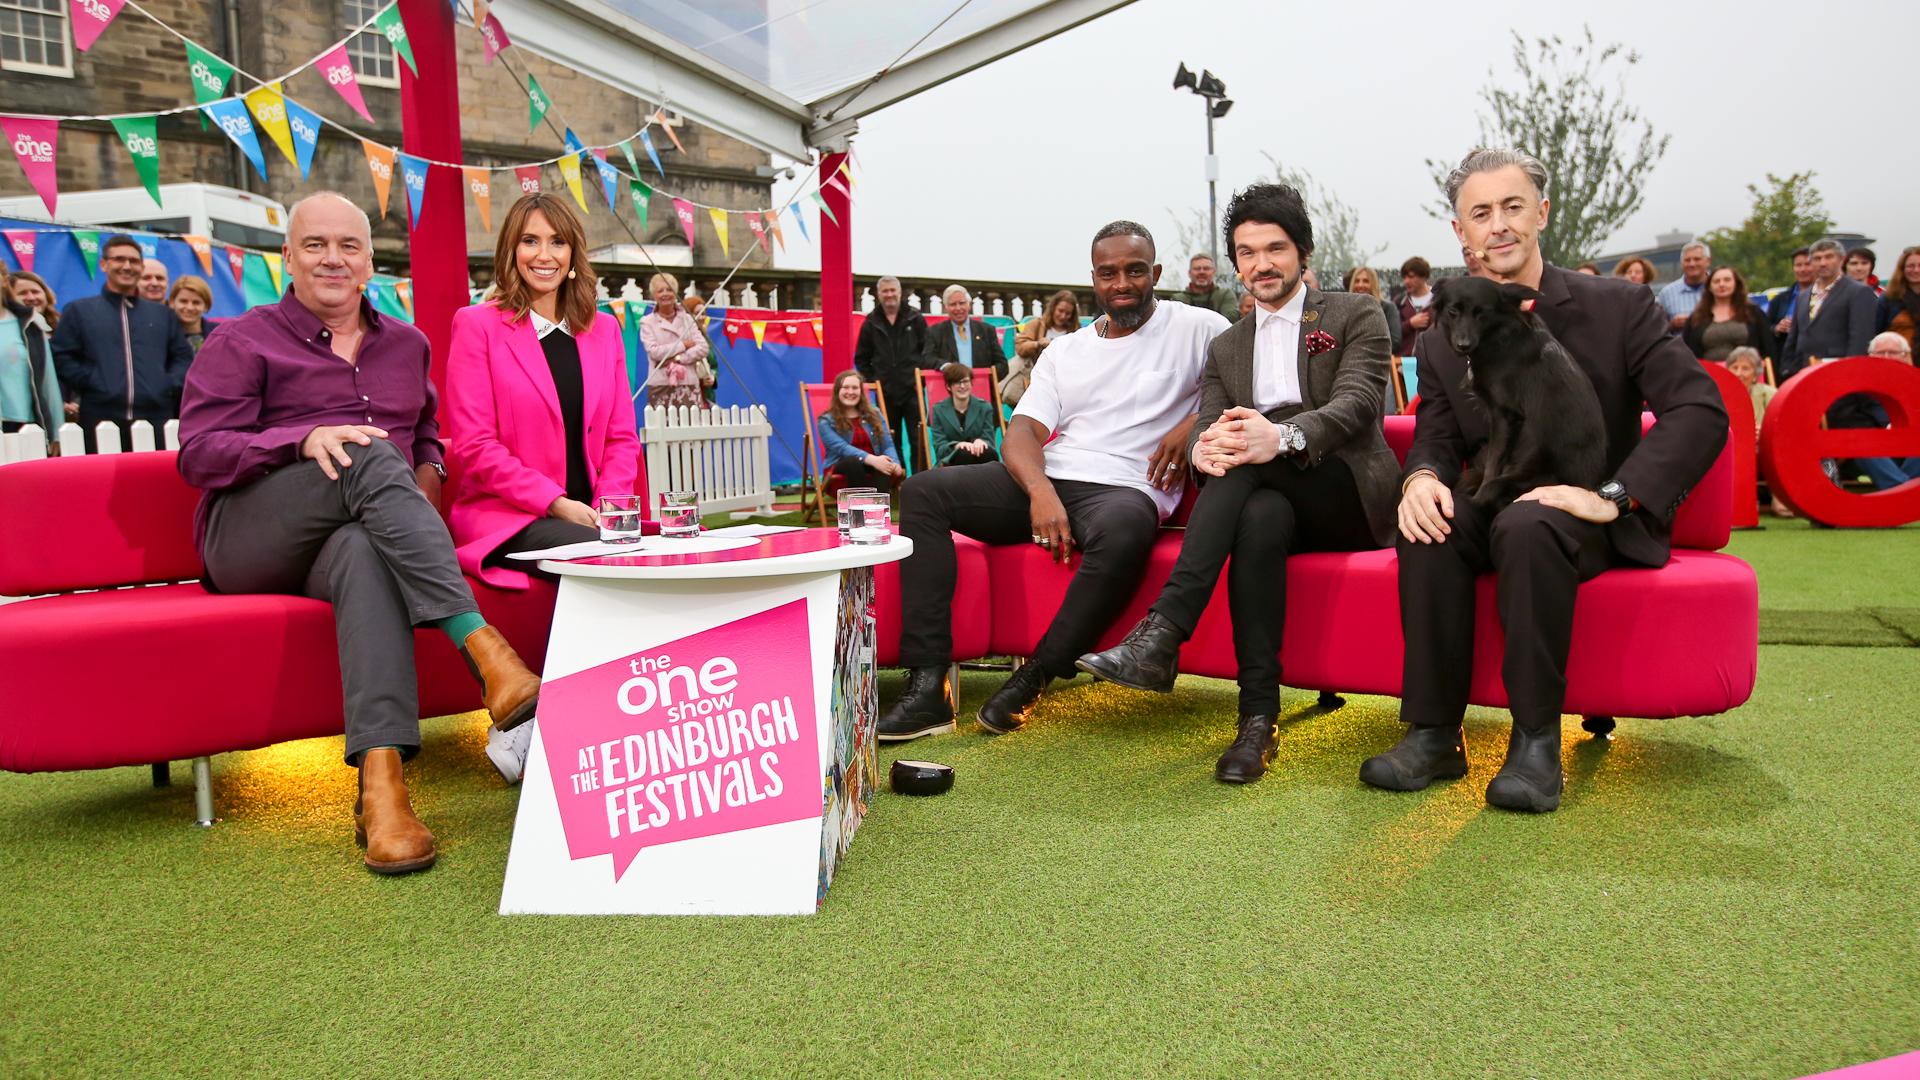 BBC Oneshow